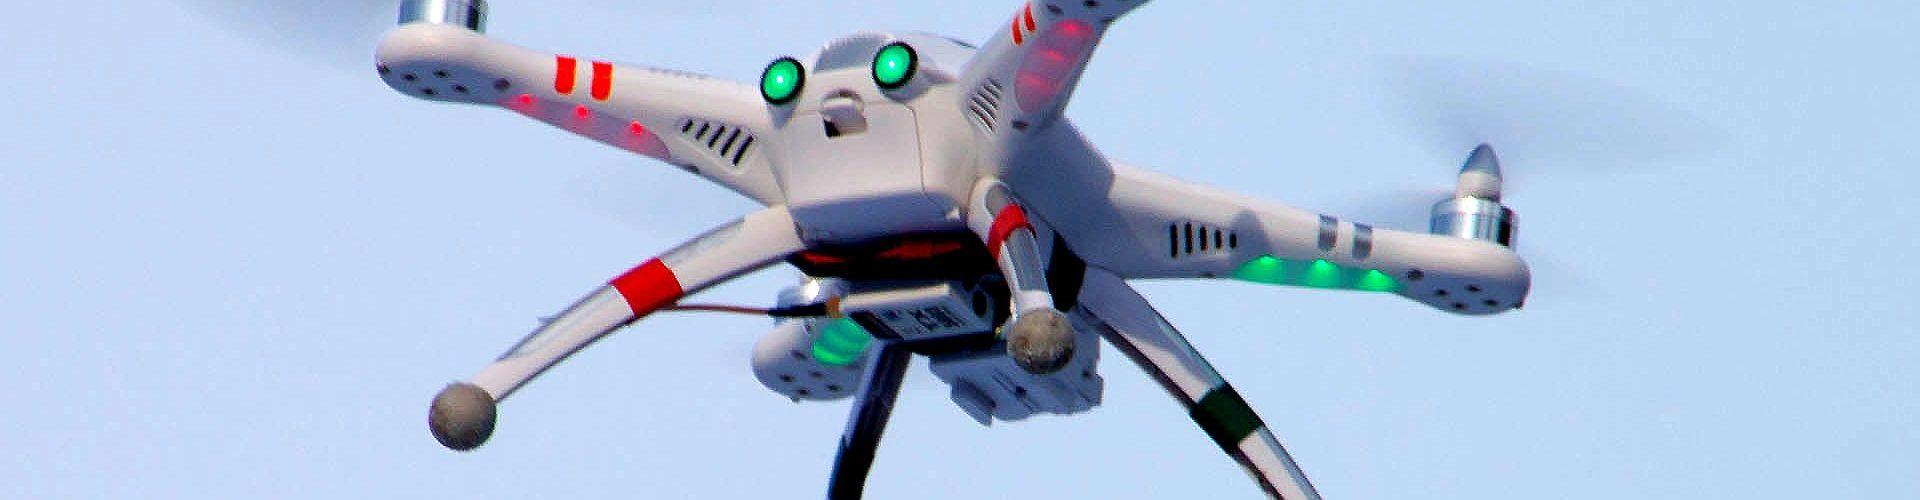 Преимущества аэросъемки с квадрокоптера